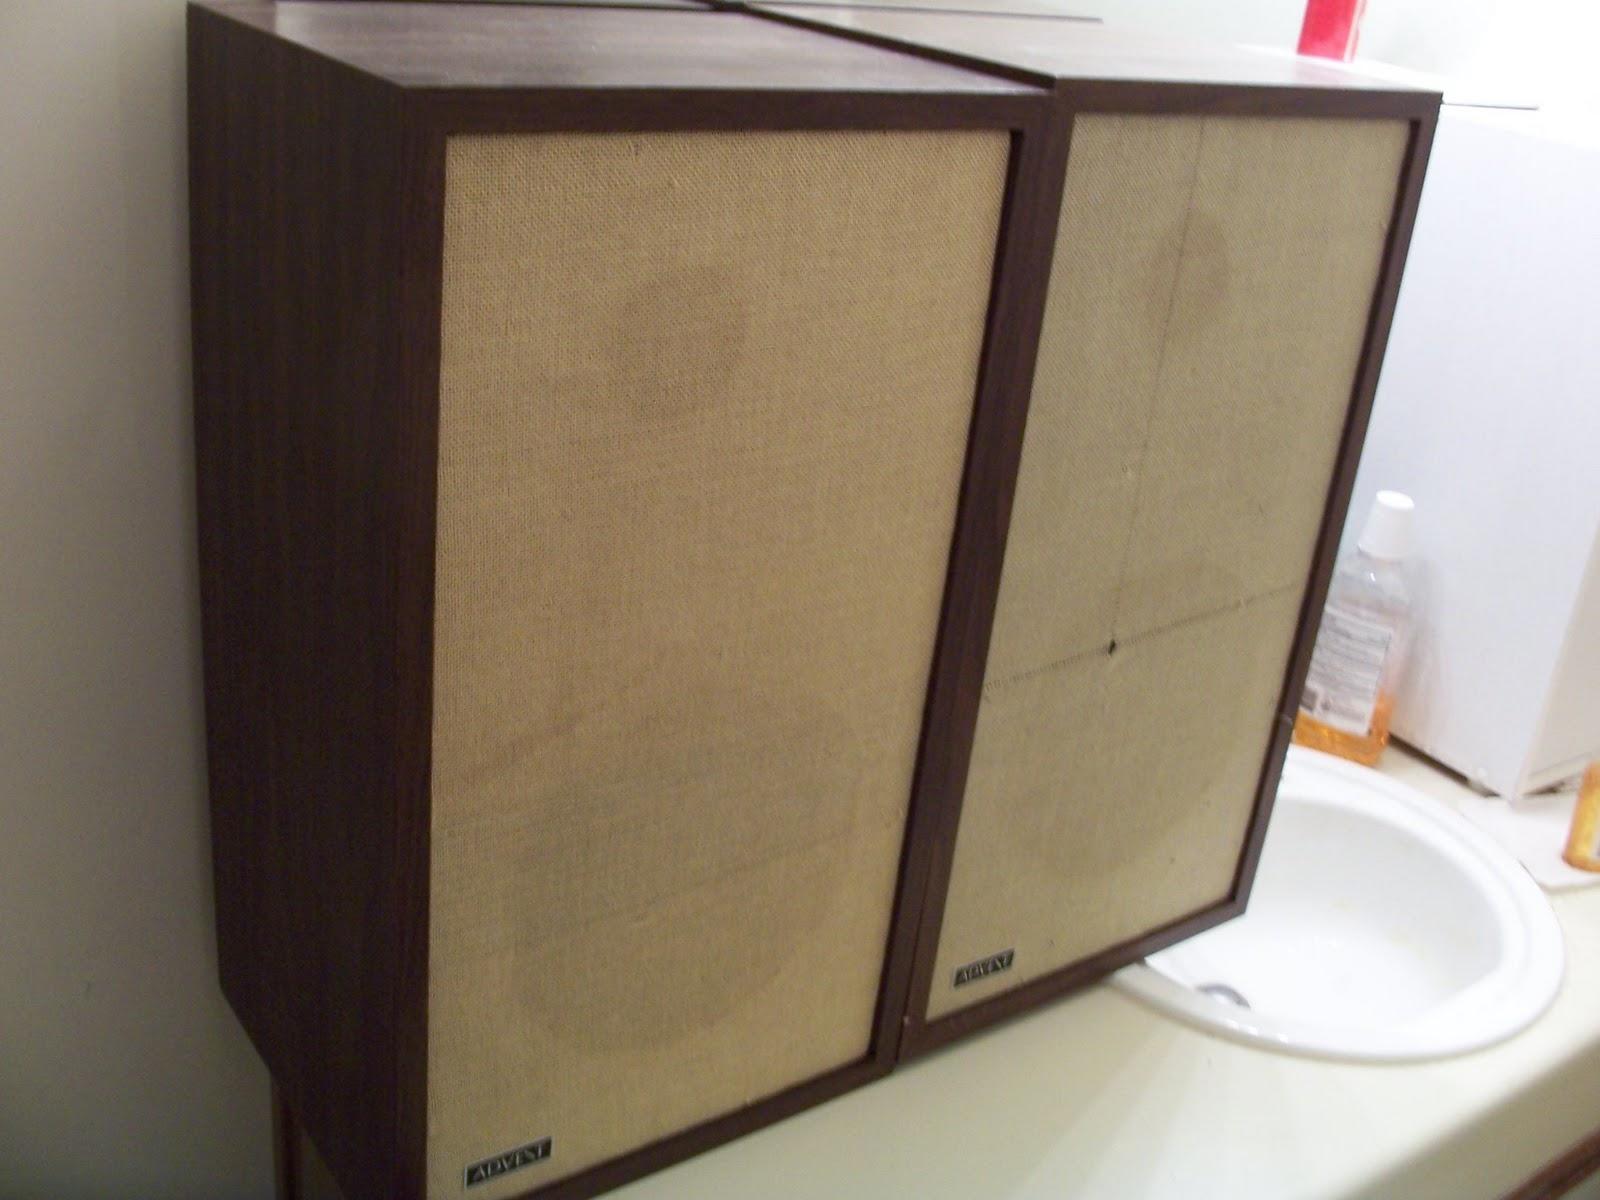 revolver 13 the original advent large loudspeaker by. Black Bedroom Furniture Sets. Home Design Ideas